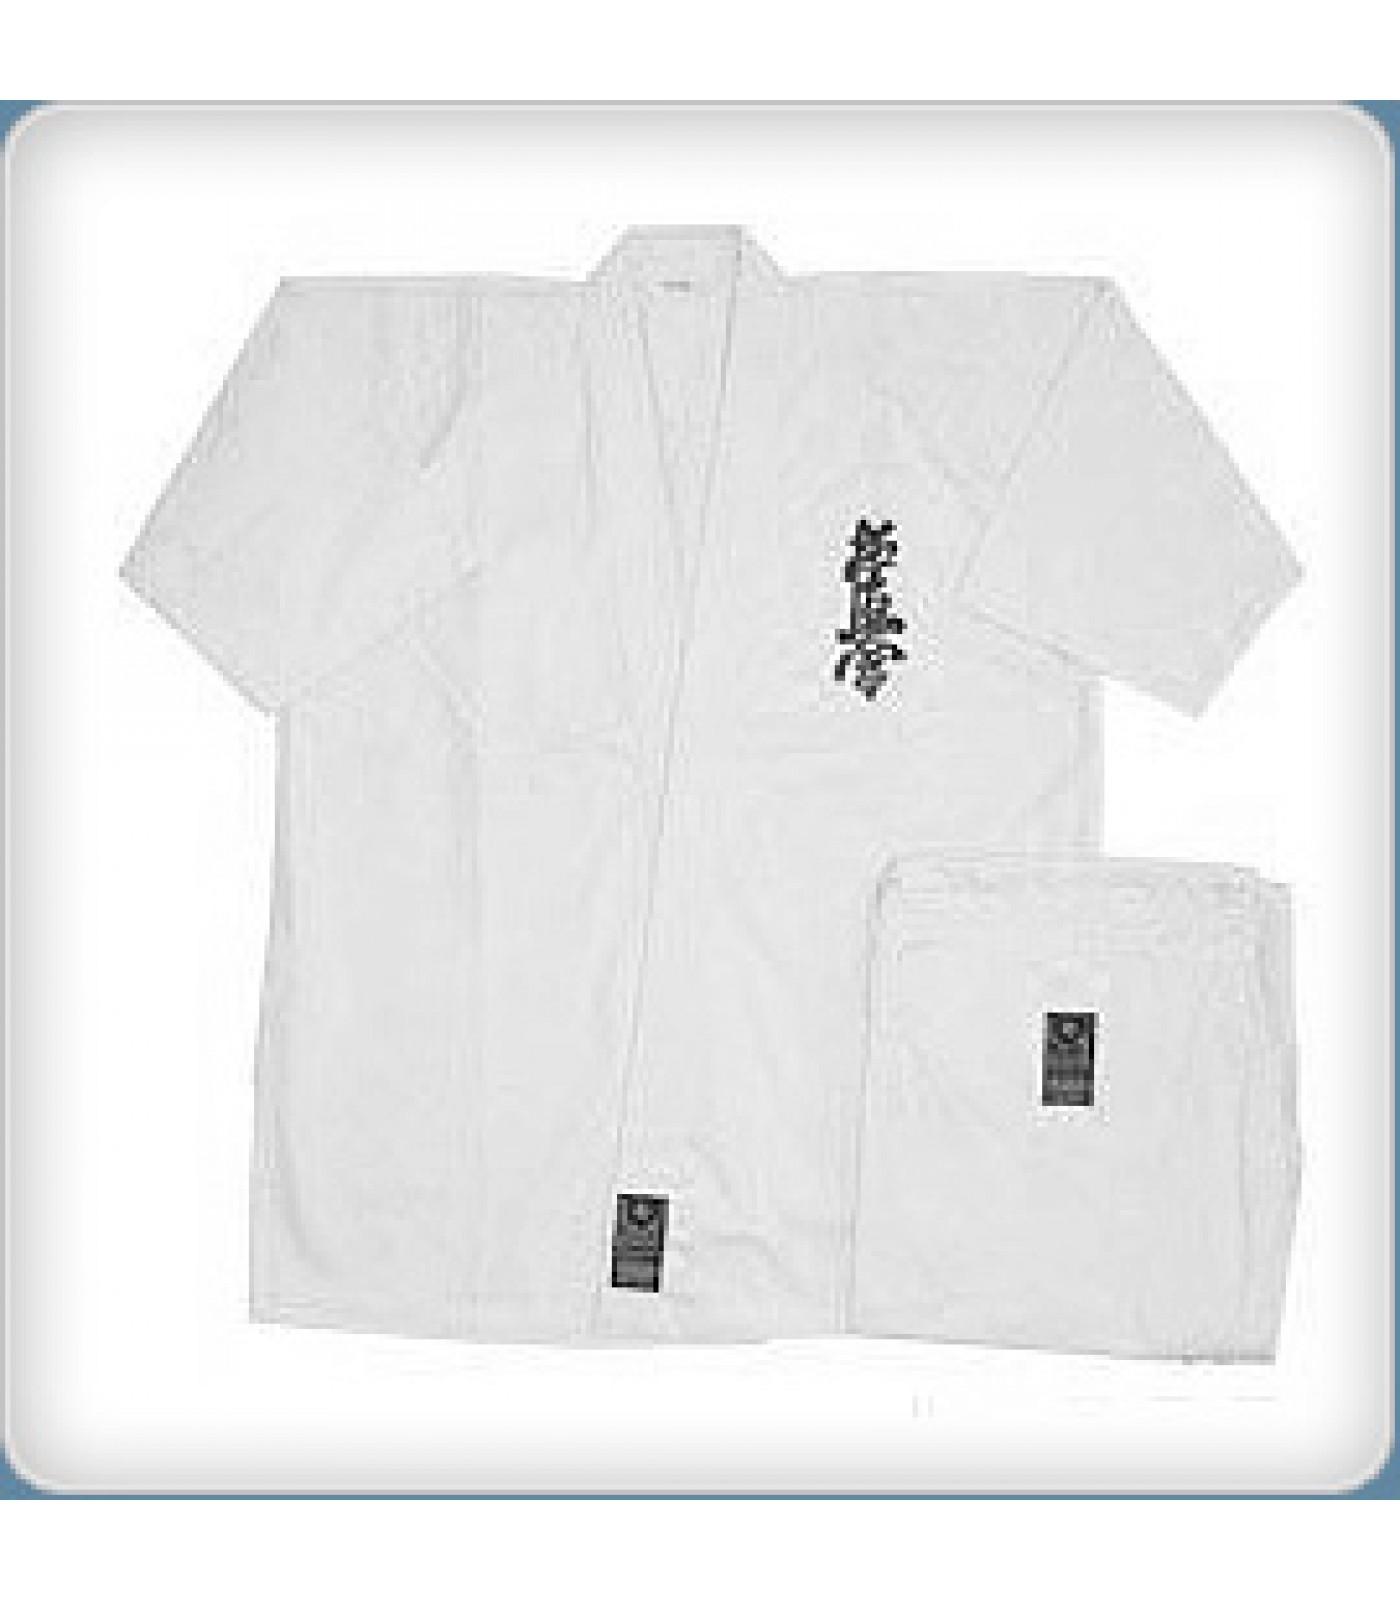 EON Sport - Карате киокушинкай кимоно - 160см.